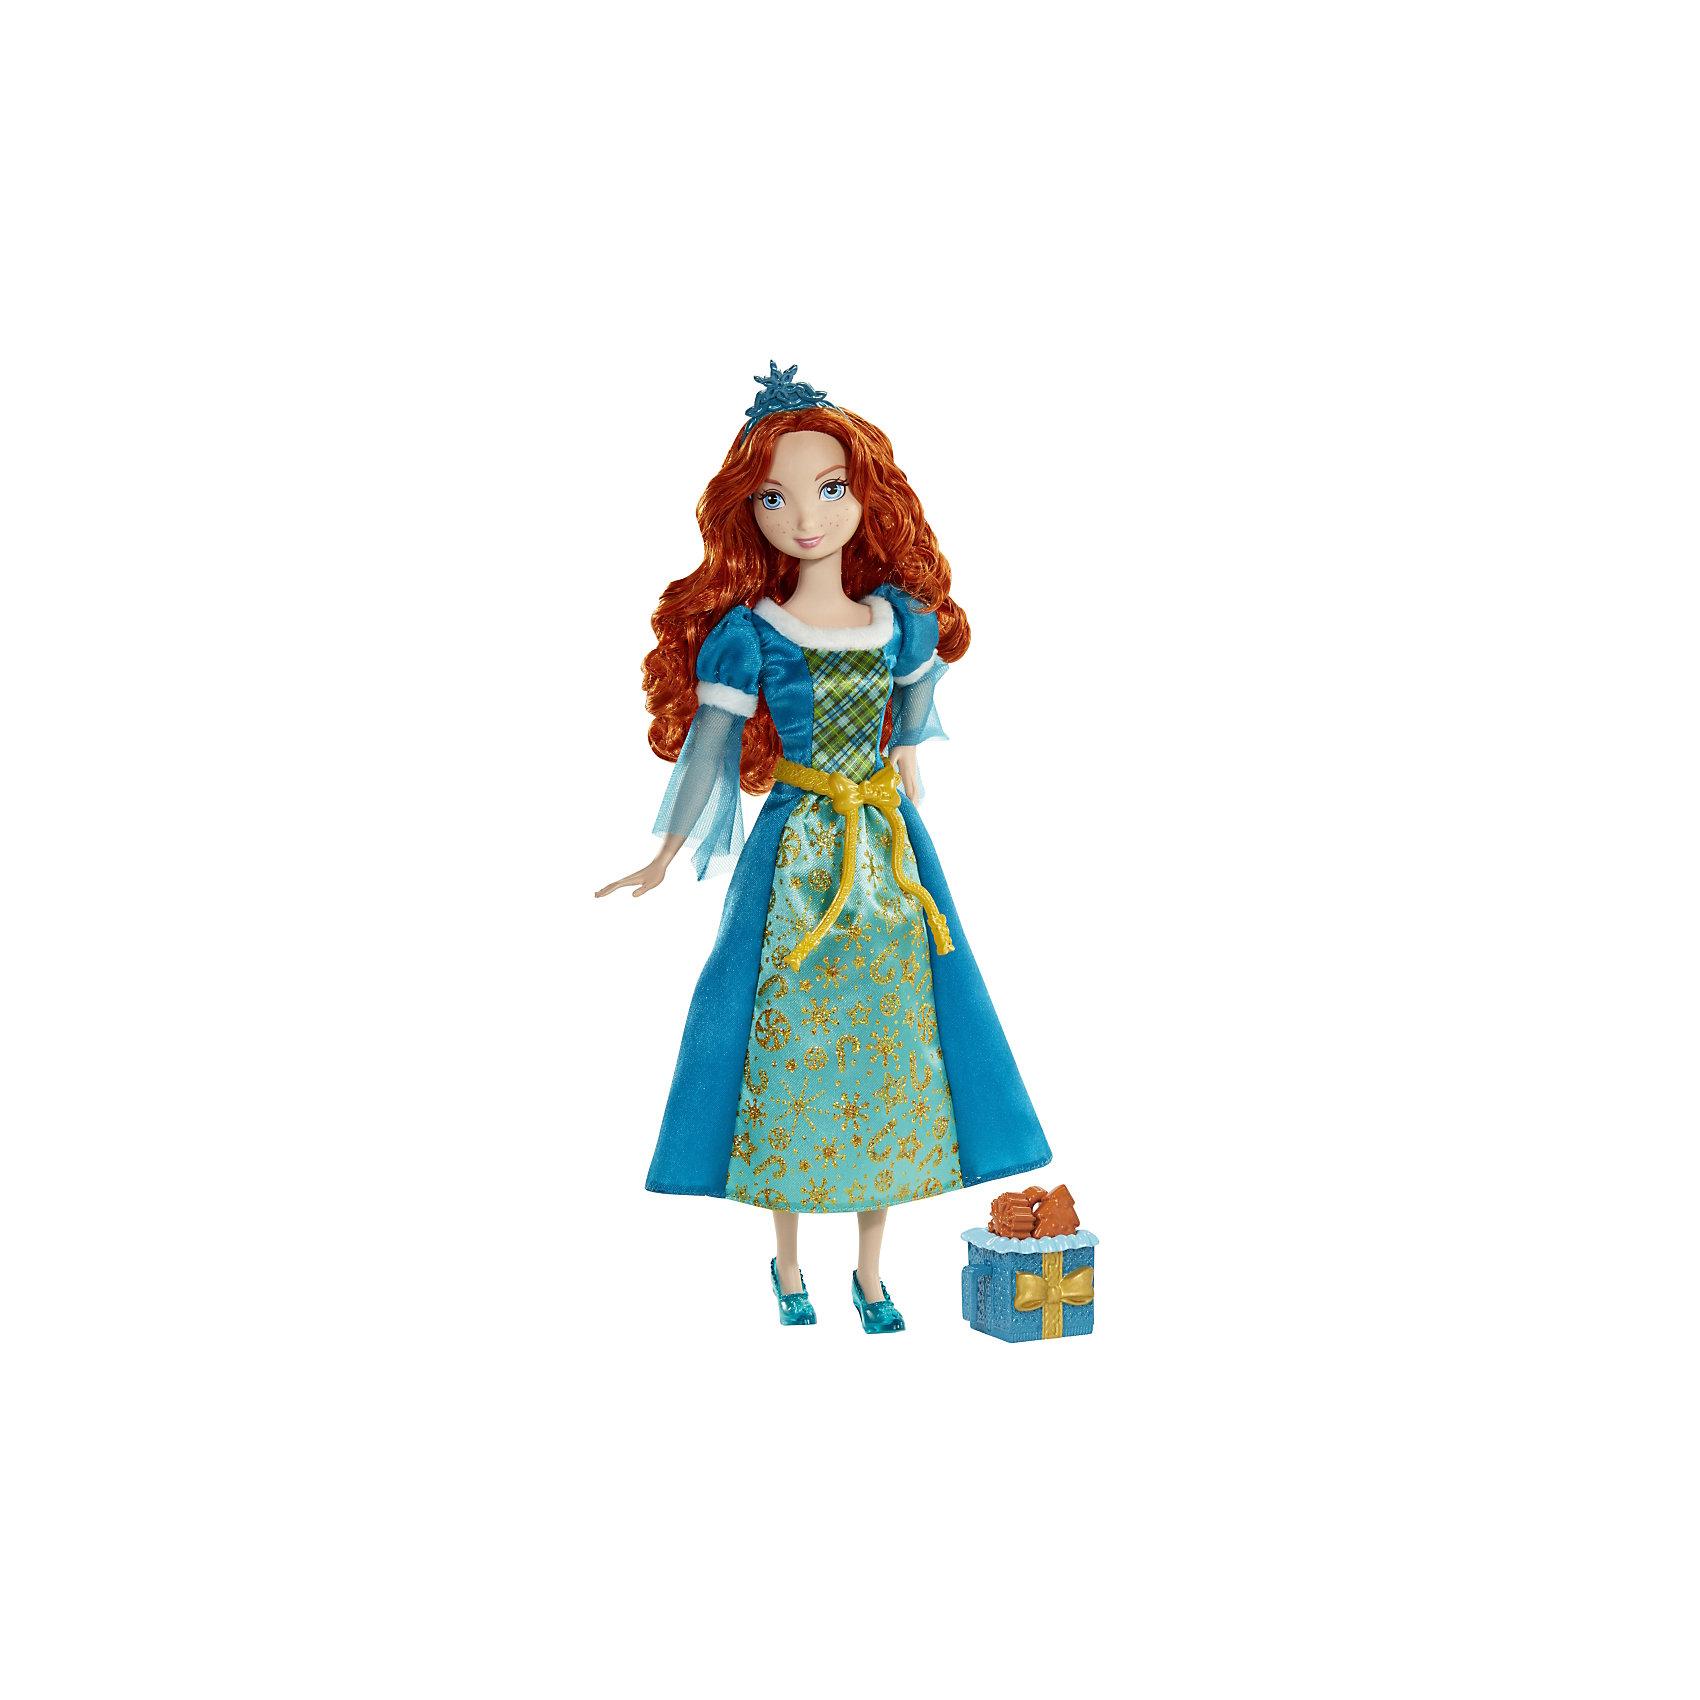 Mattel Кукла Мерида со сладостями, Принцессы Дисней кукла mattel mattel кукла золушка принцессы диснея балерина